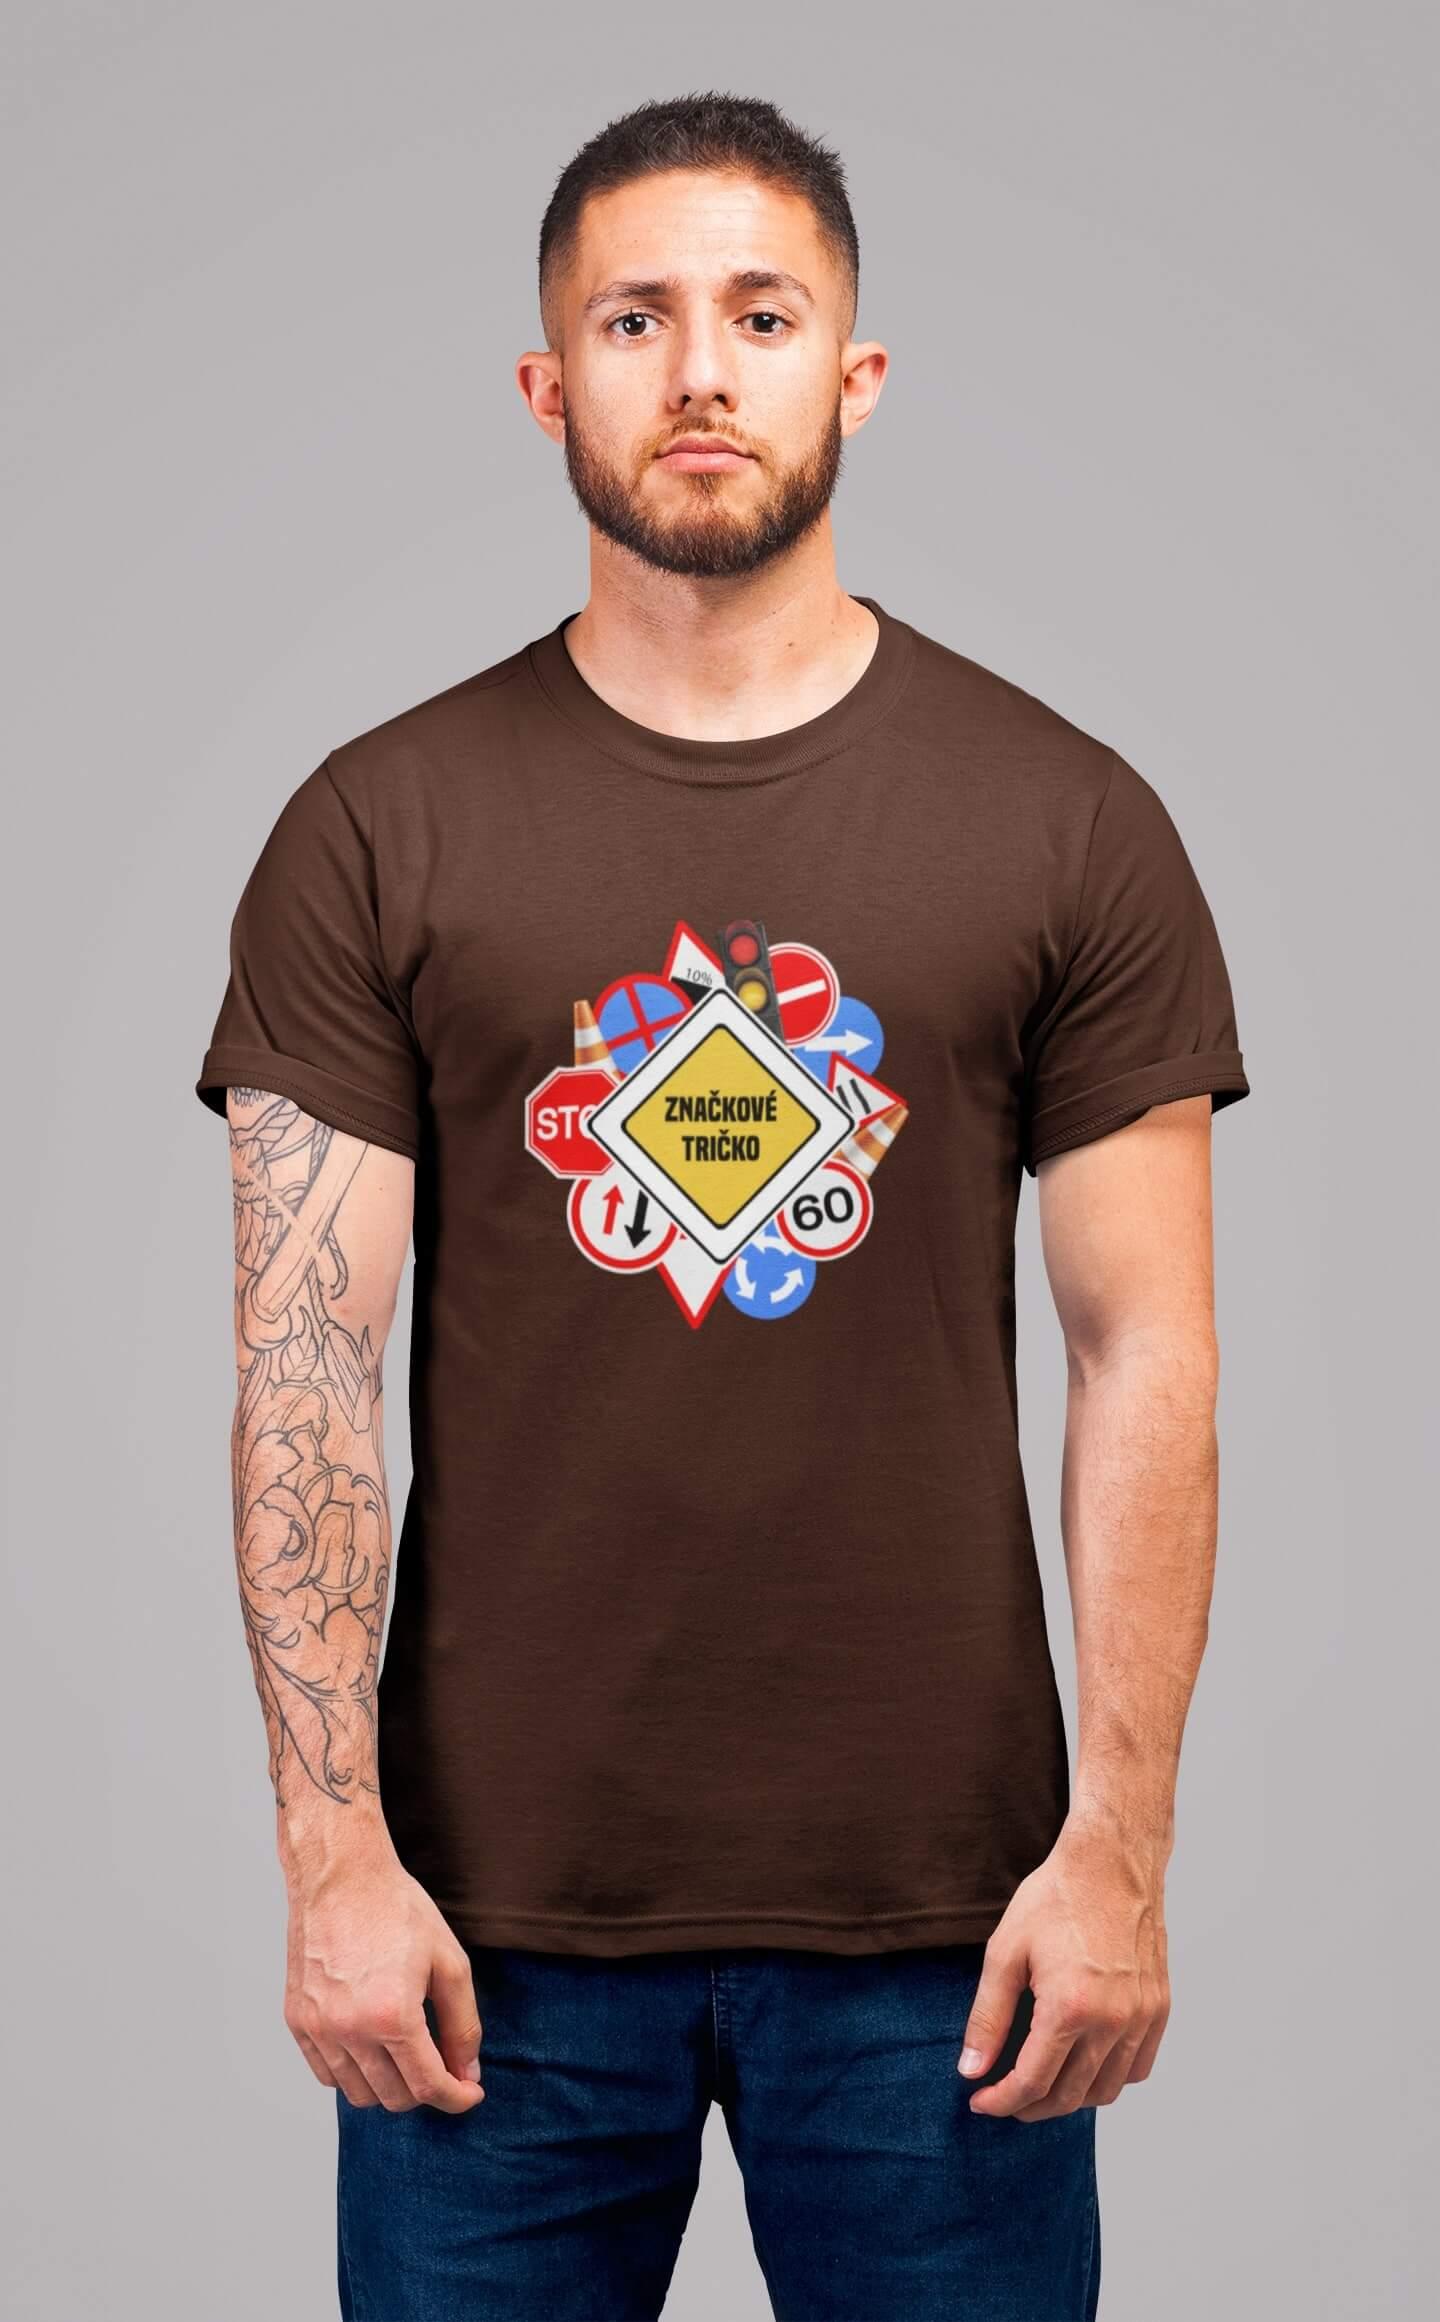 MMO Pánske tričko Značkové tričko Vyberte farbu: Čokoládová, Vyberte veľkosť: XL